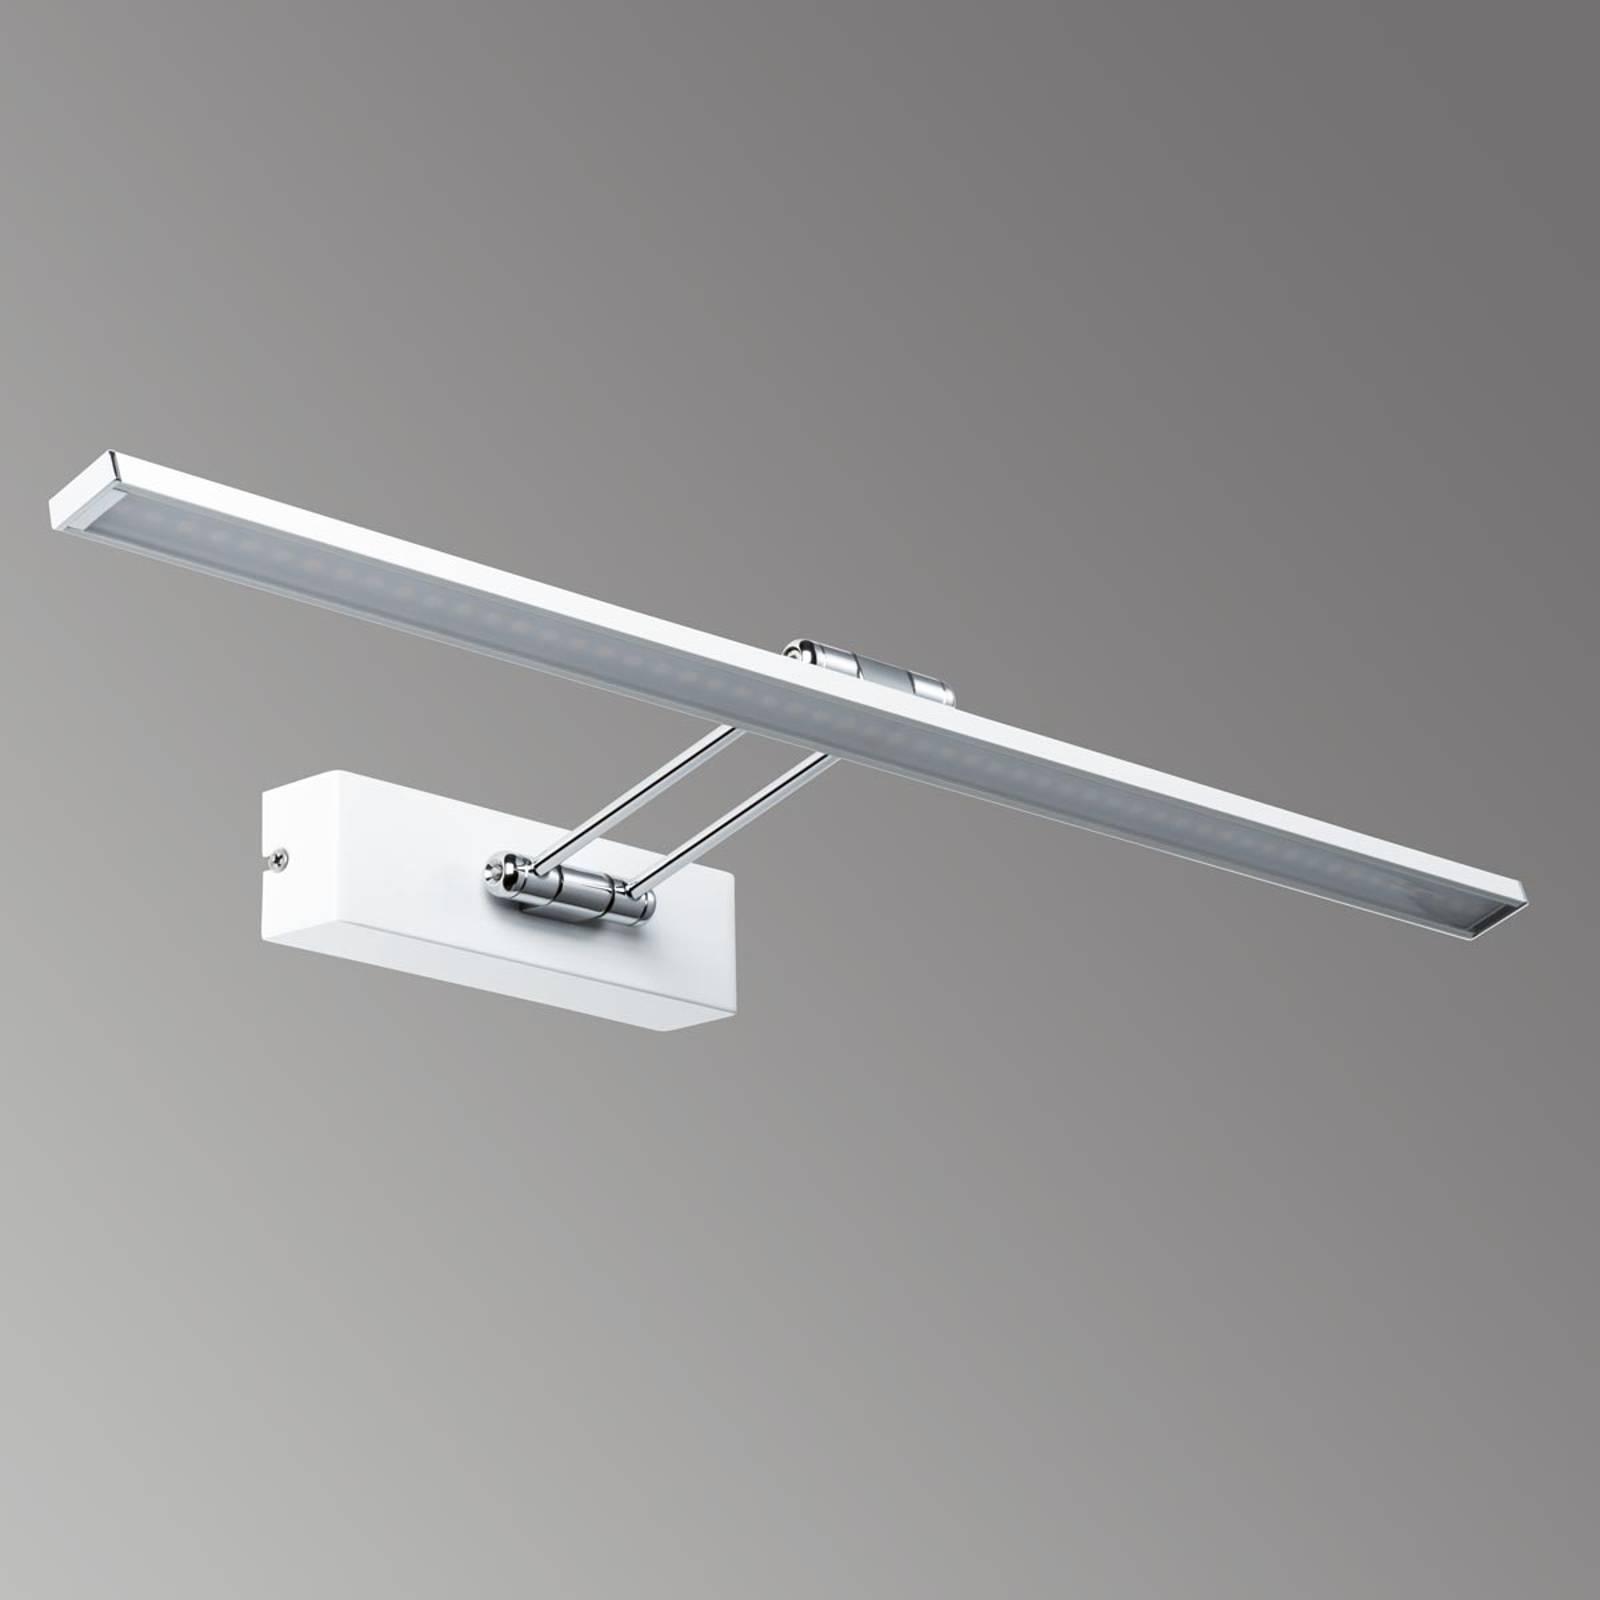 Galeria LED-tauluvalaisin Beam Sixty valkoinen